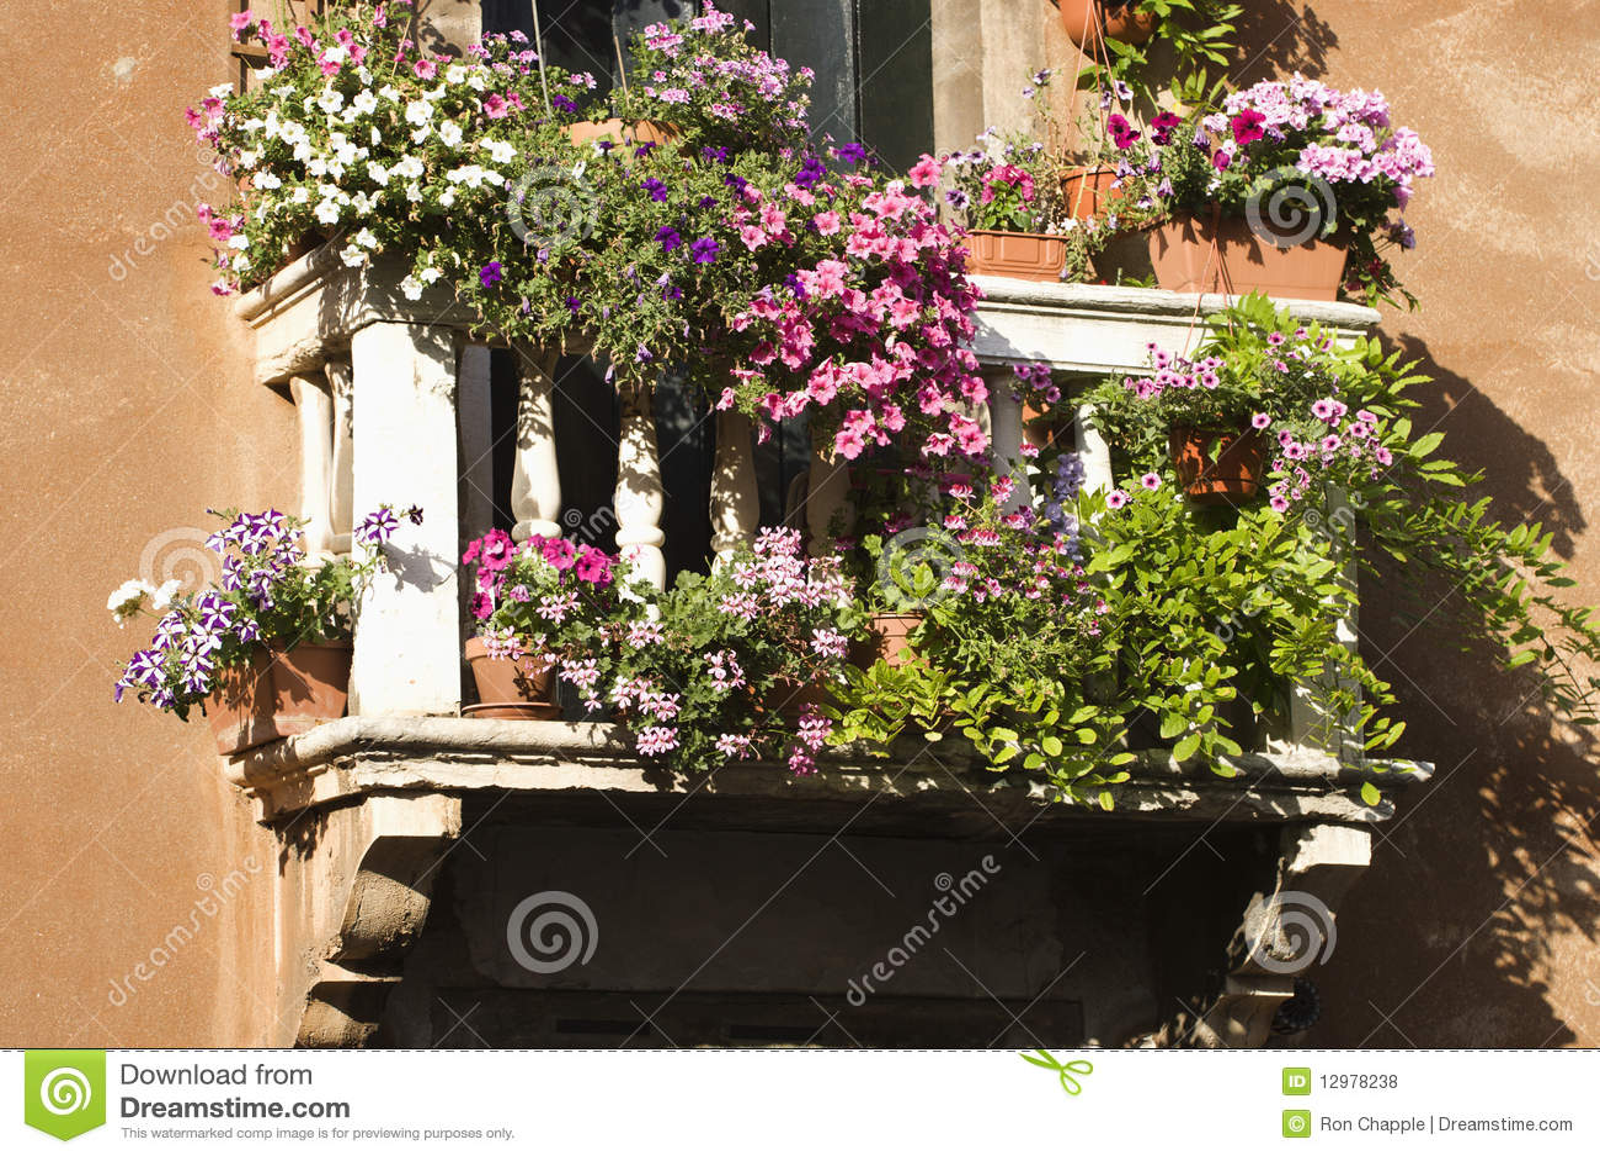 balkon mit blumen stockfoto bild von charme fenster. Black Bedroom Furniture Sets. Home Design Ideas